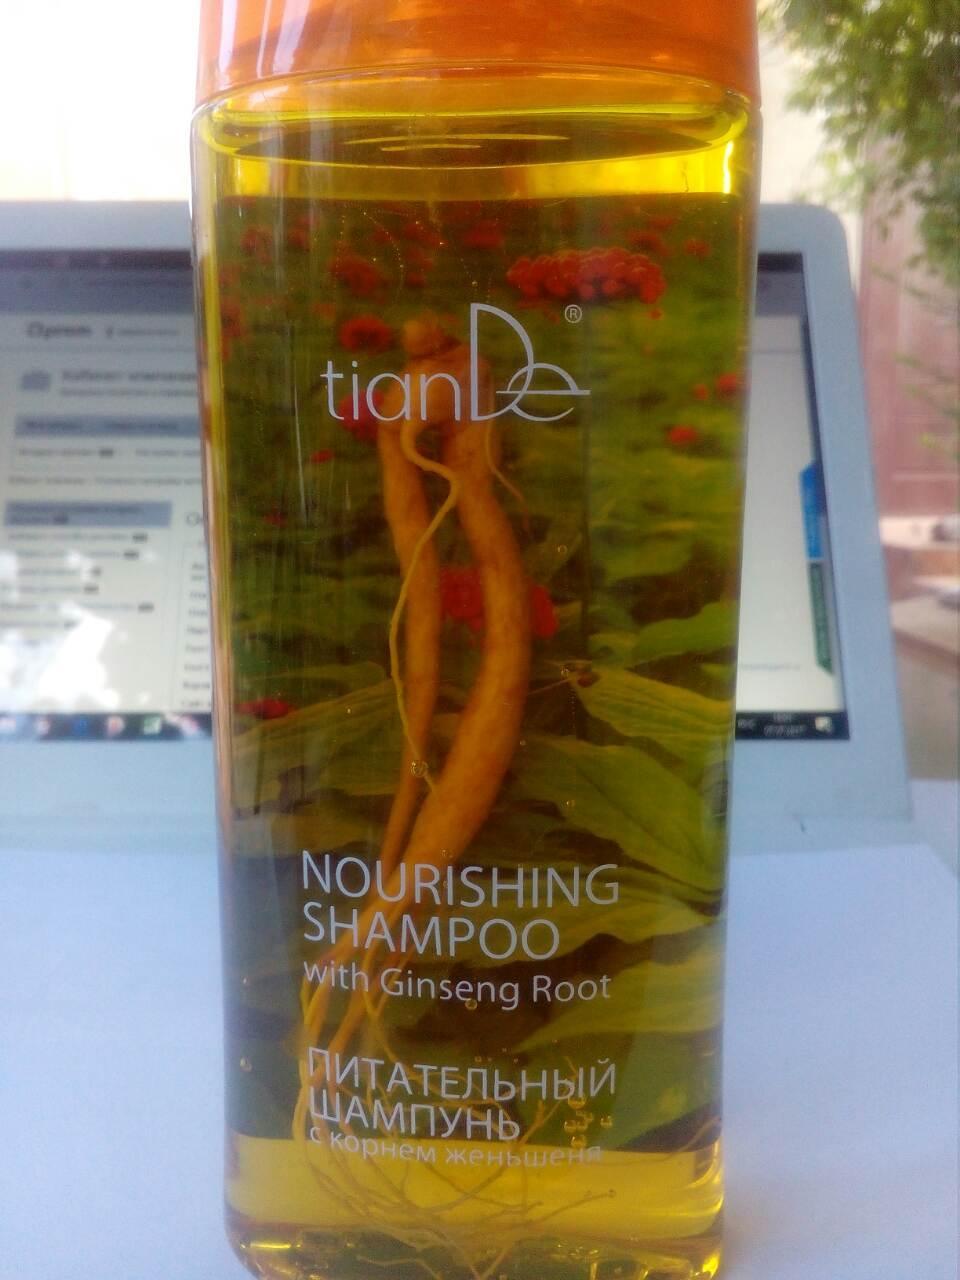 Питательный шампунь TianDe с корнем женьшеня - Брендовая косметика и парфюмерия в Киеве